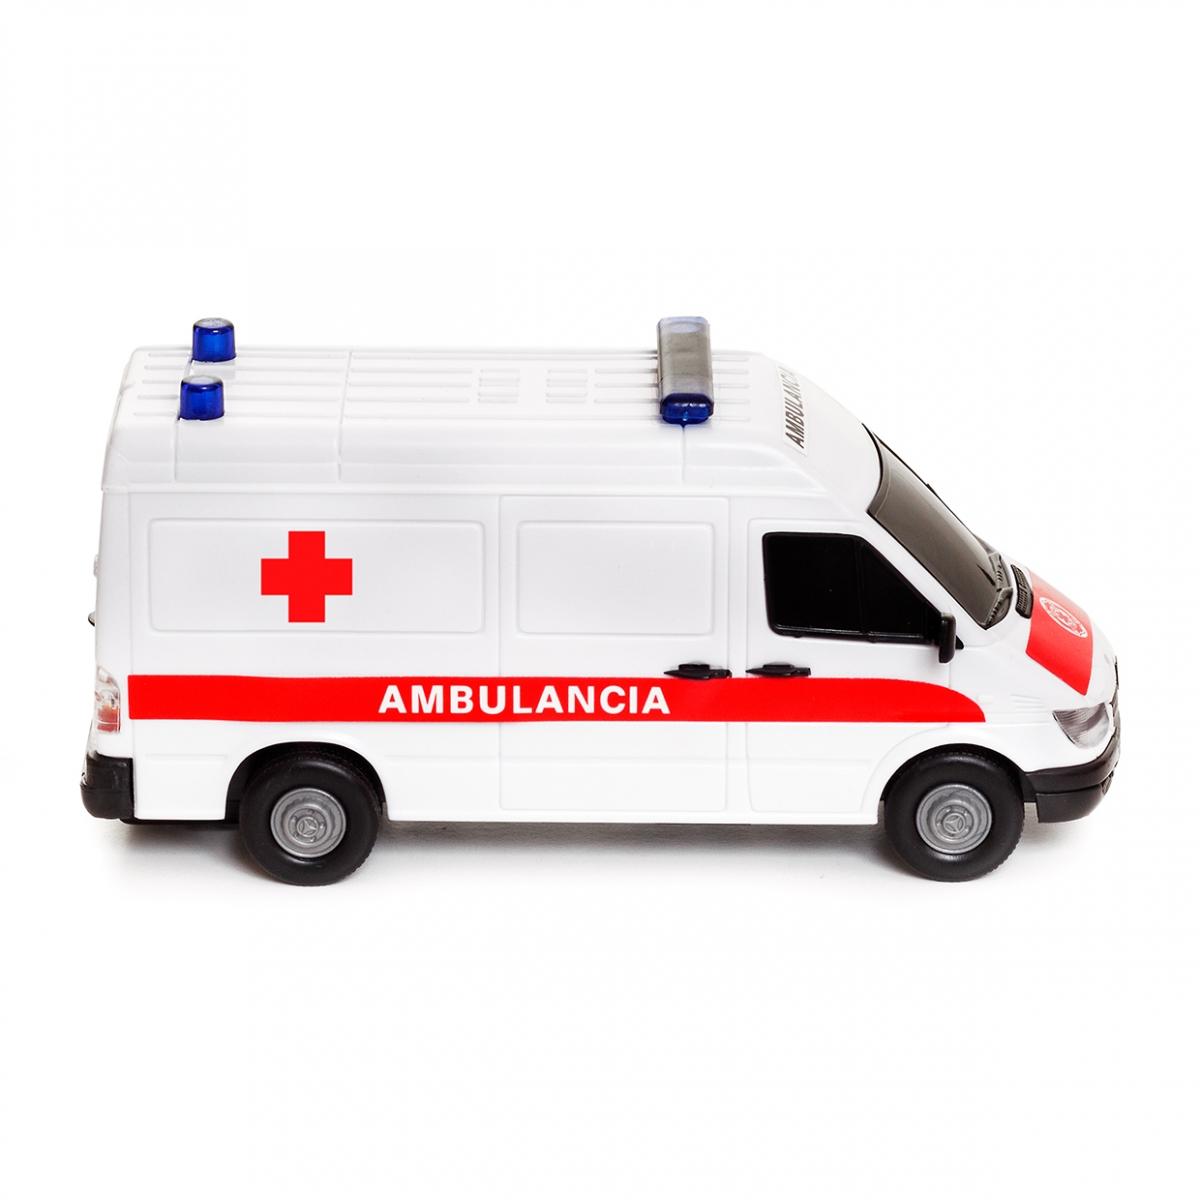 Imagen en la que se ve una ambulancia